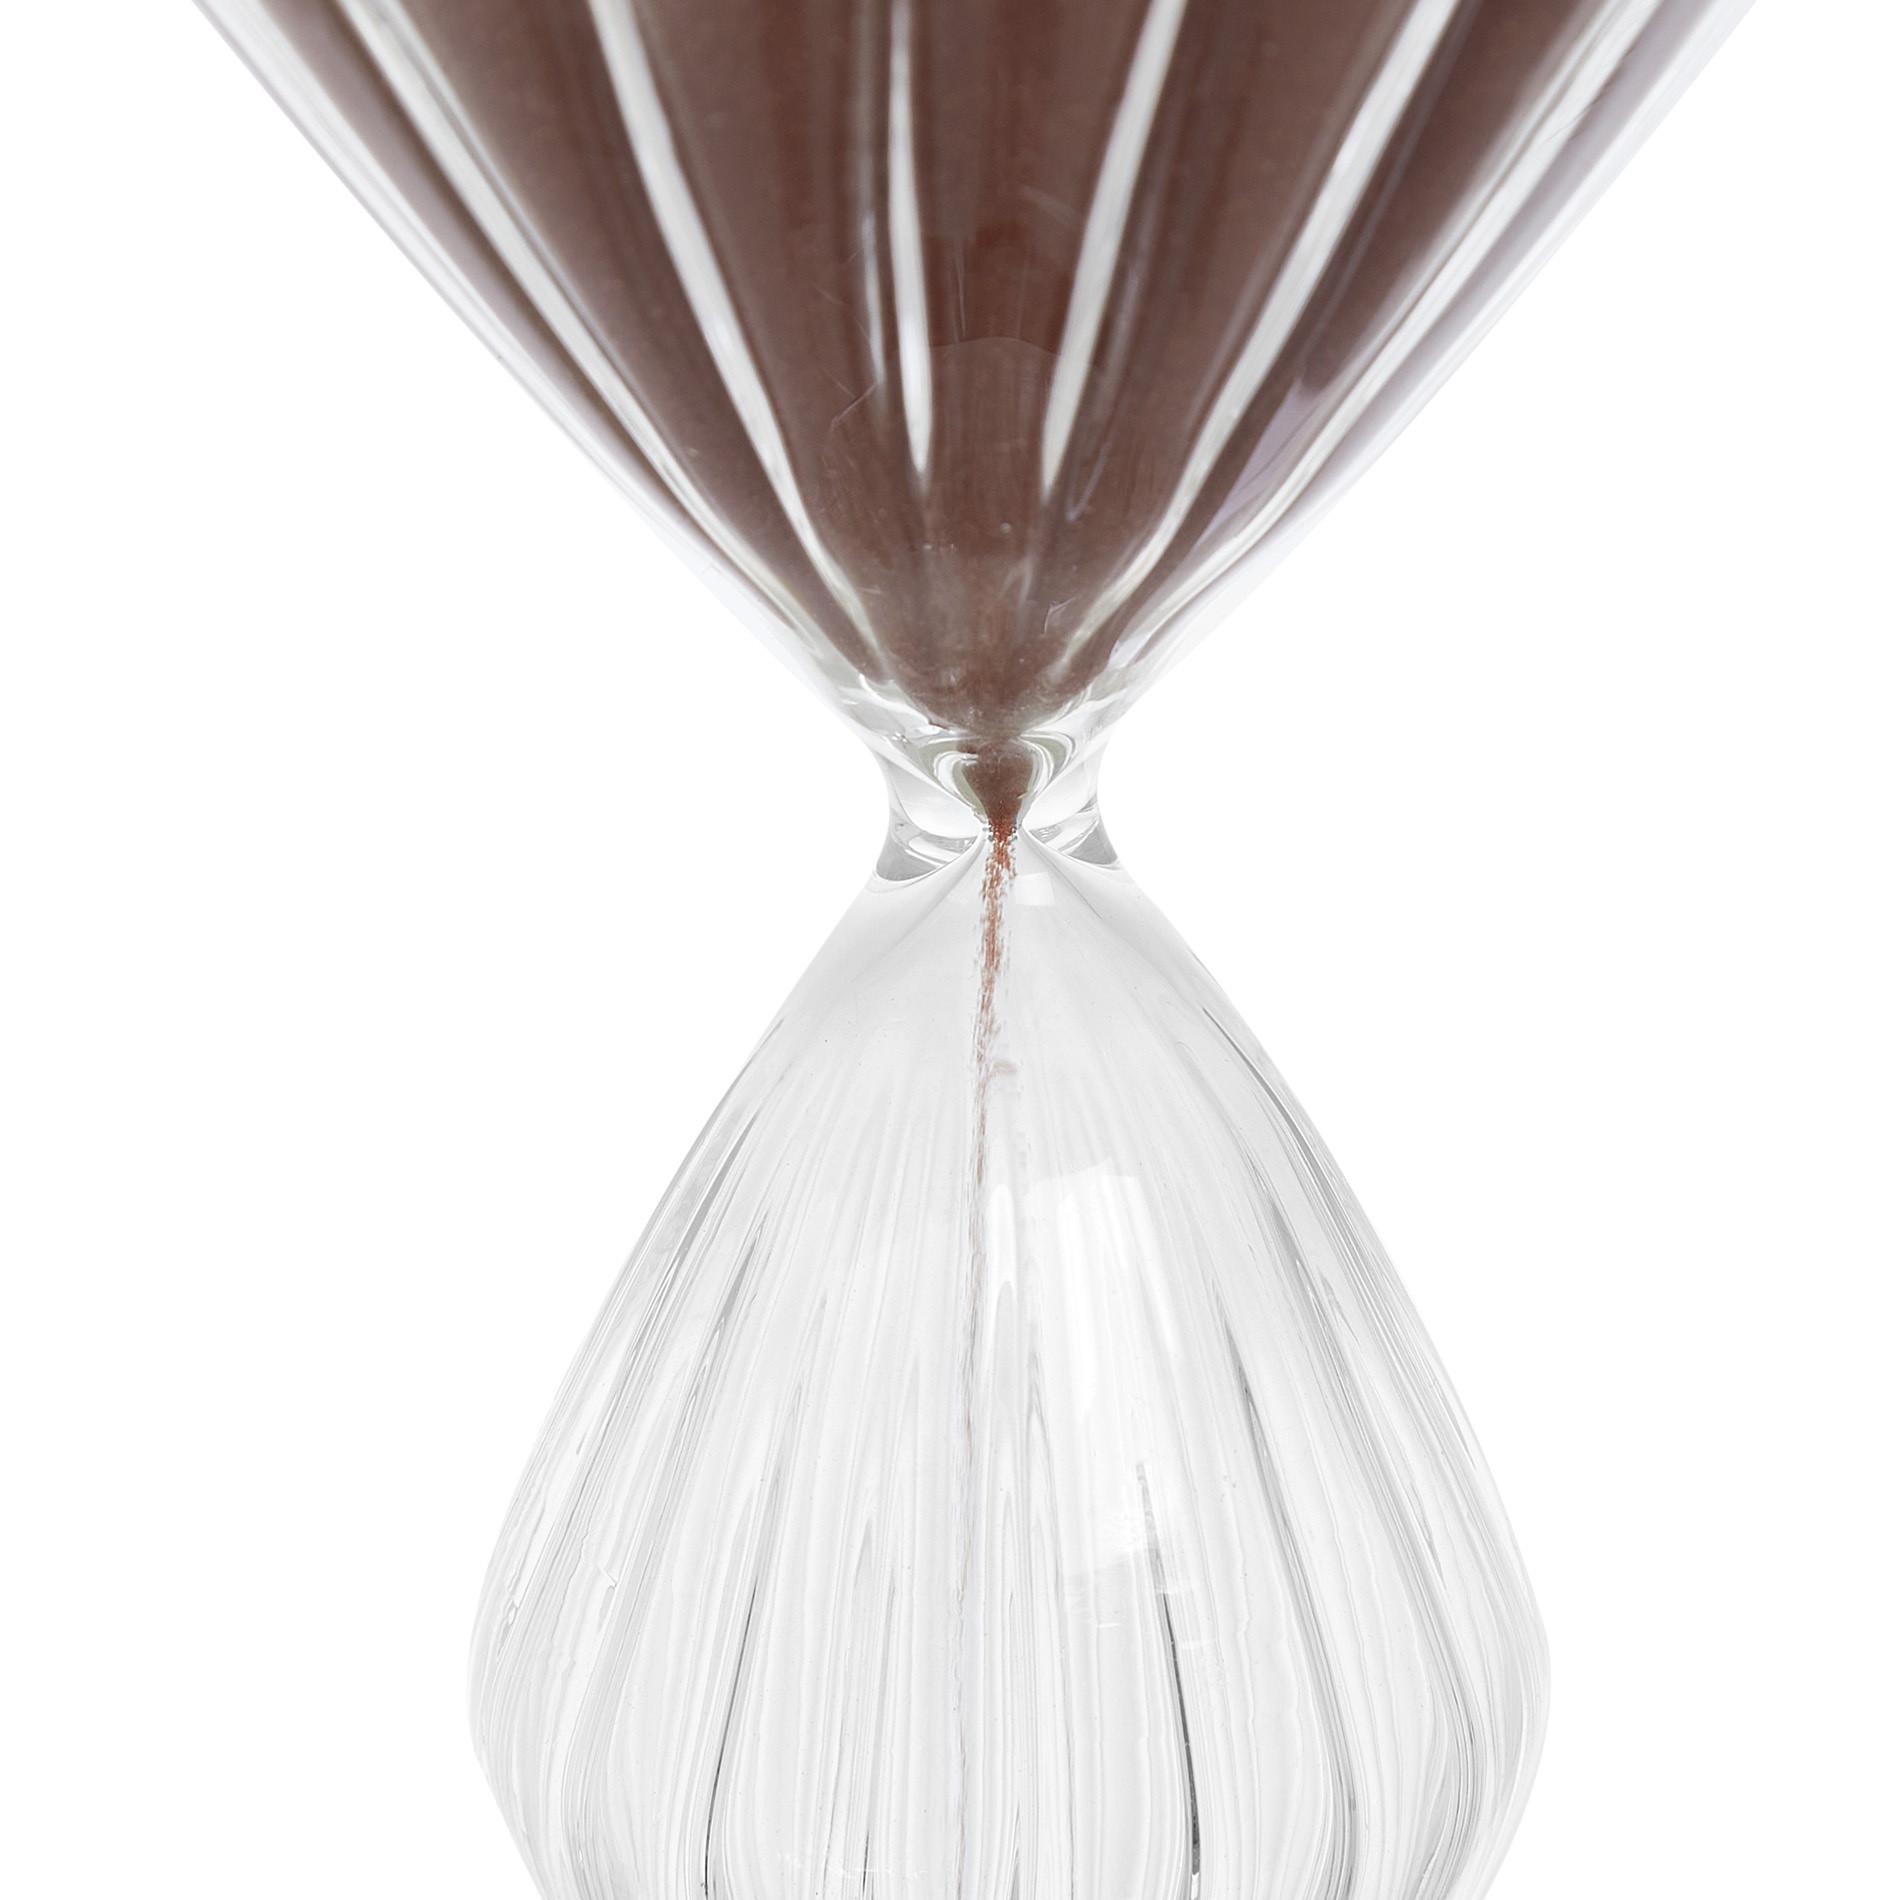 Clessidra vetro con sabbia colorata, Trasparente, large image number 1